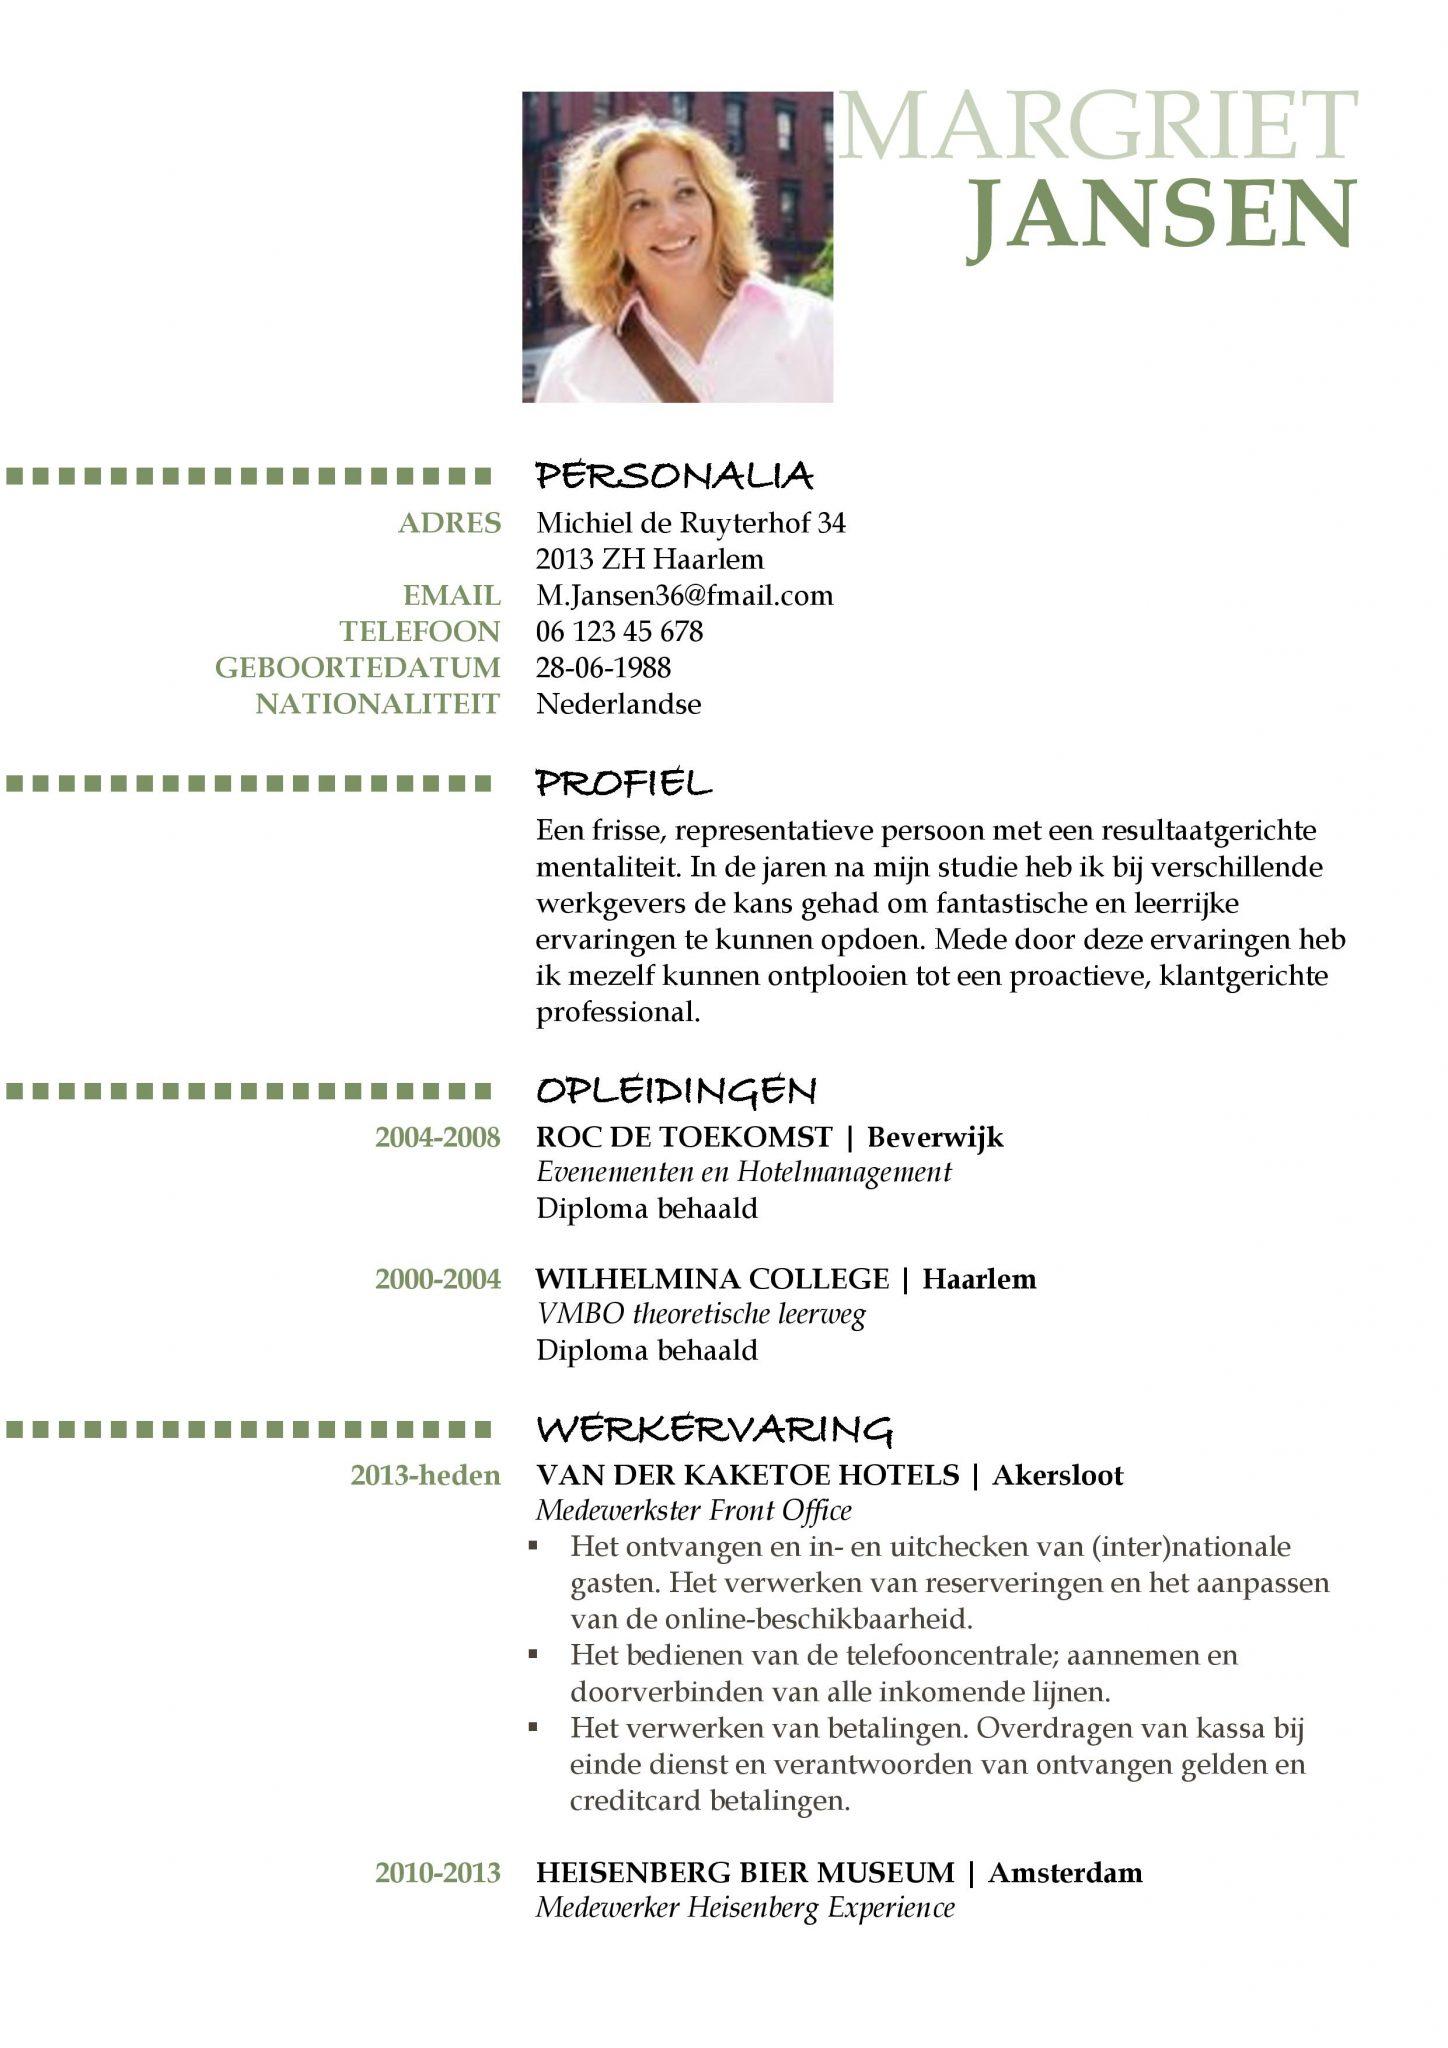 CV Oxford | Voorbeeld CV opstellen en maken met GRATIS CV Sjabloon